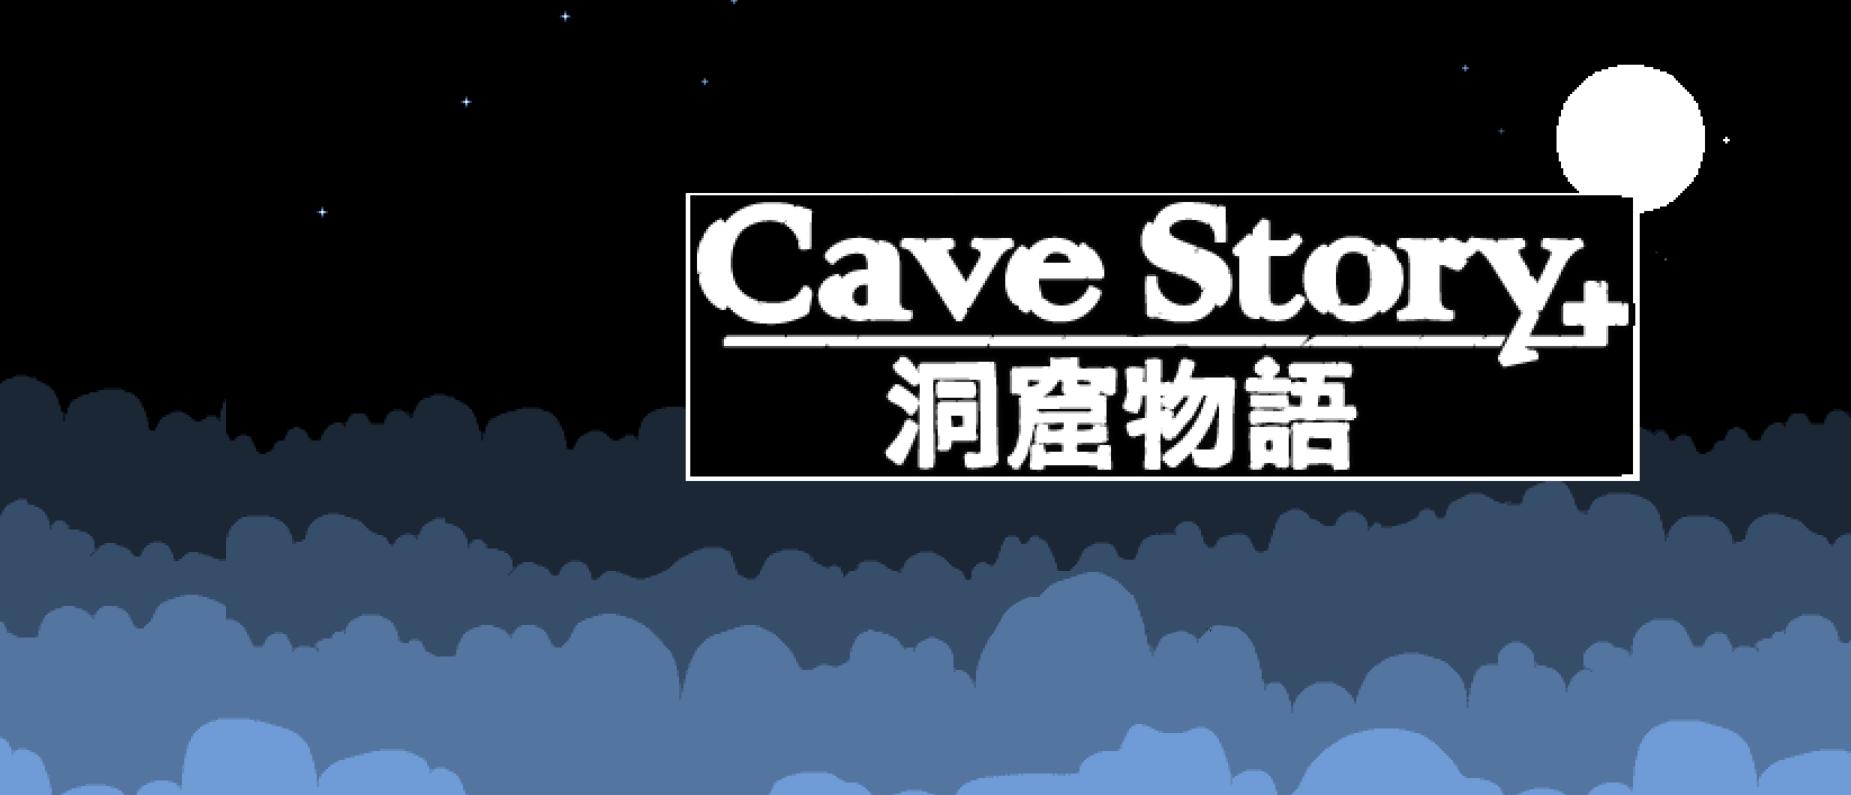 First games are running! - yuzu